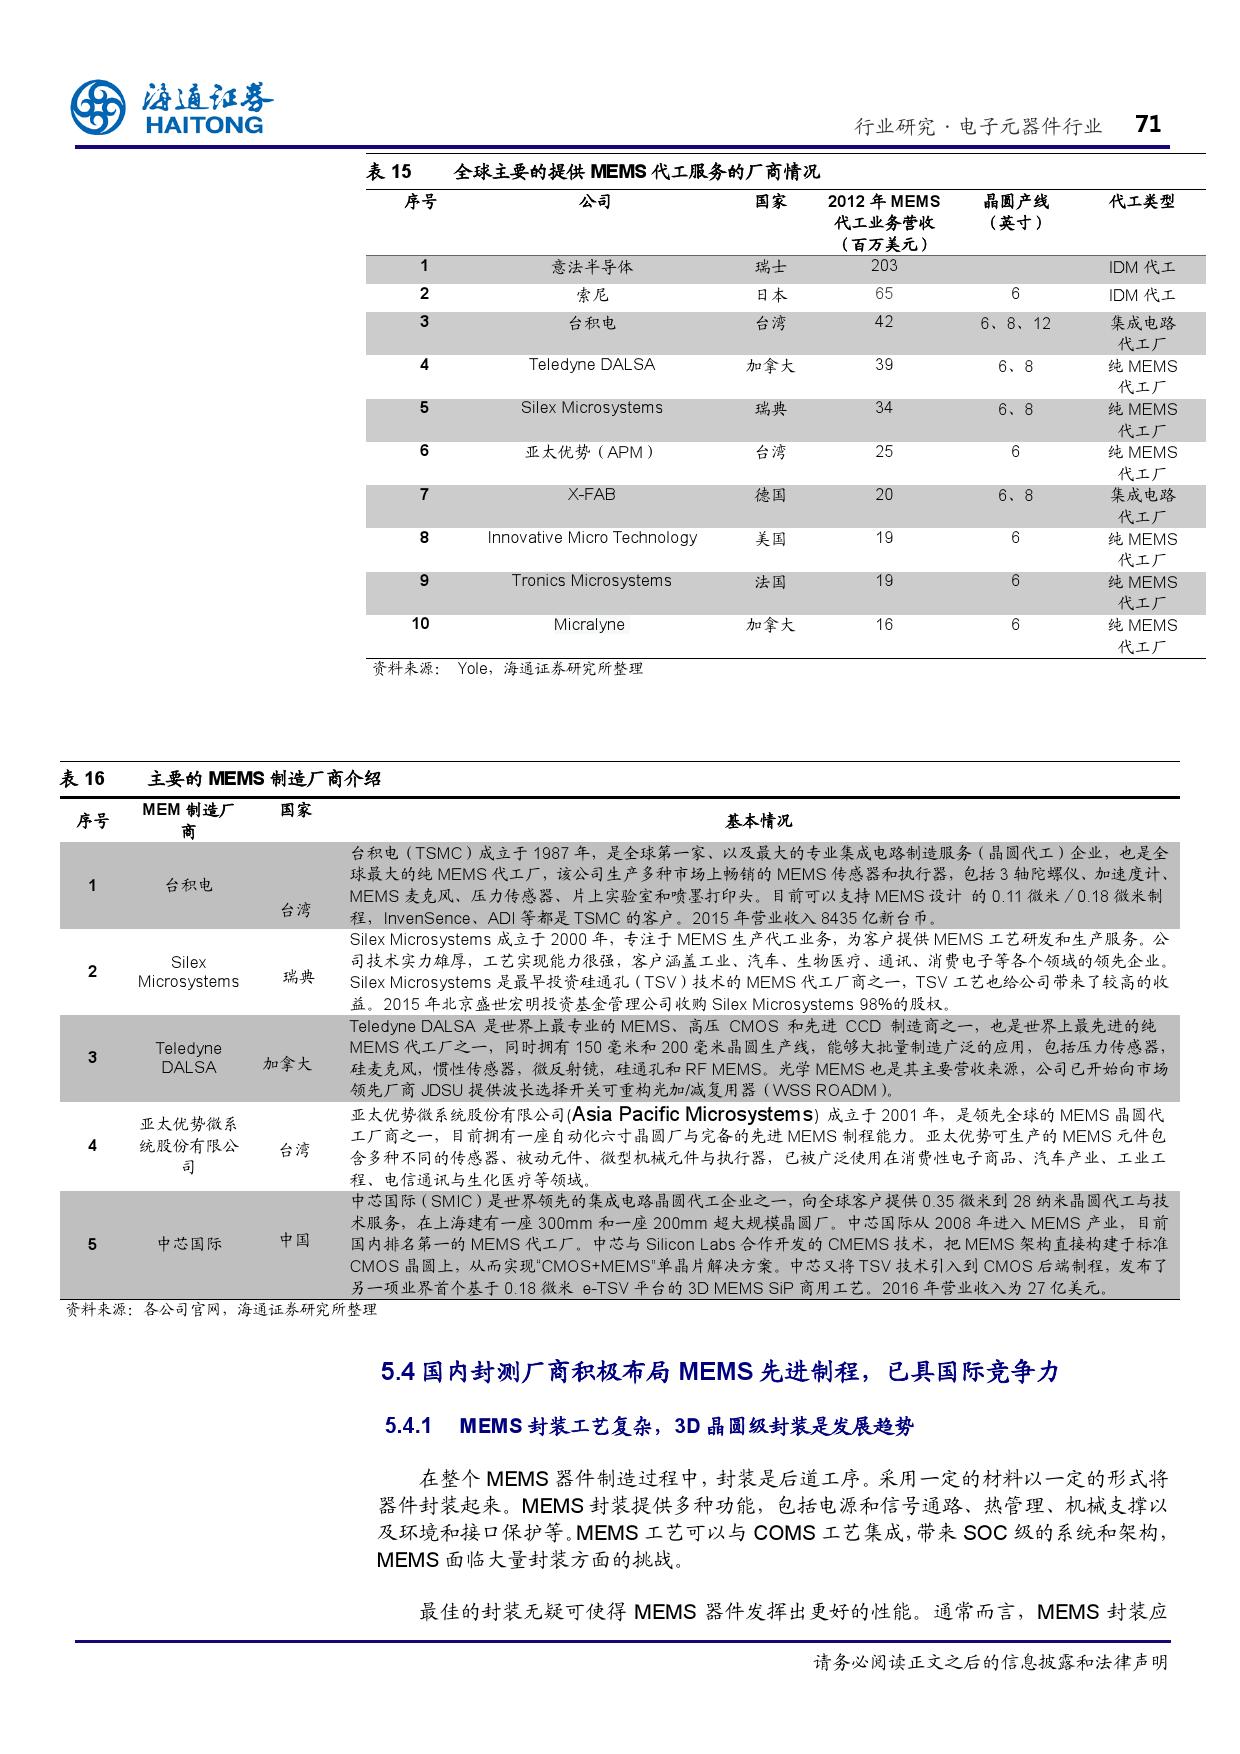 报告全解传感器全球产业链_000071